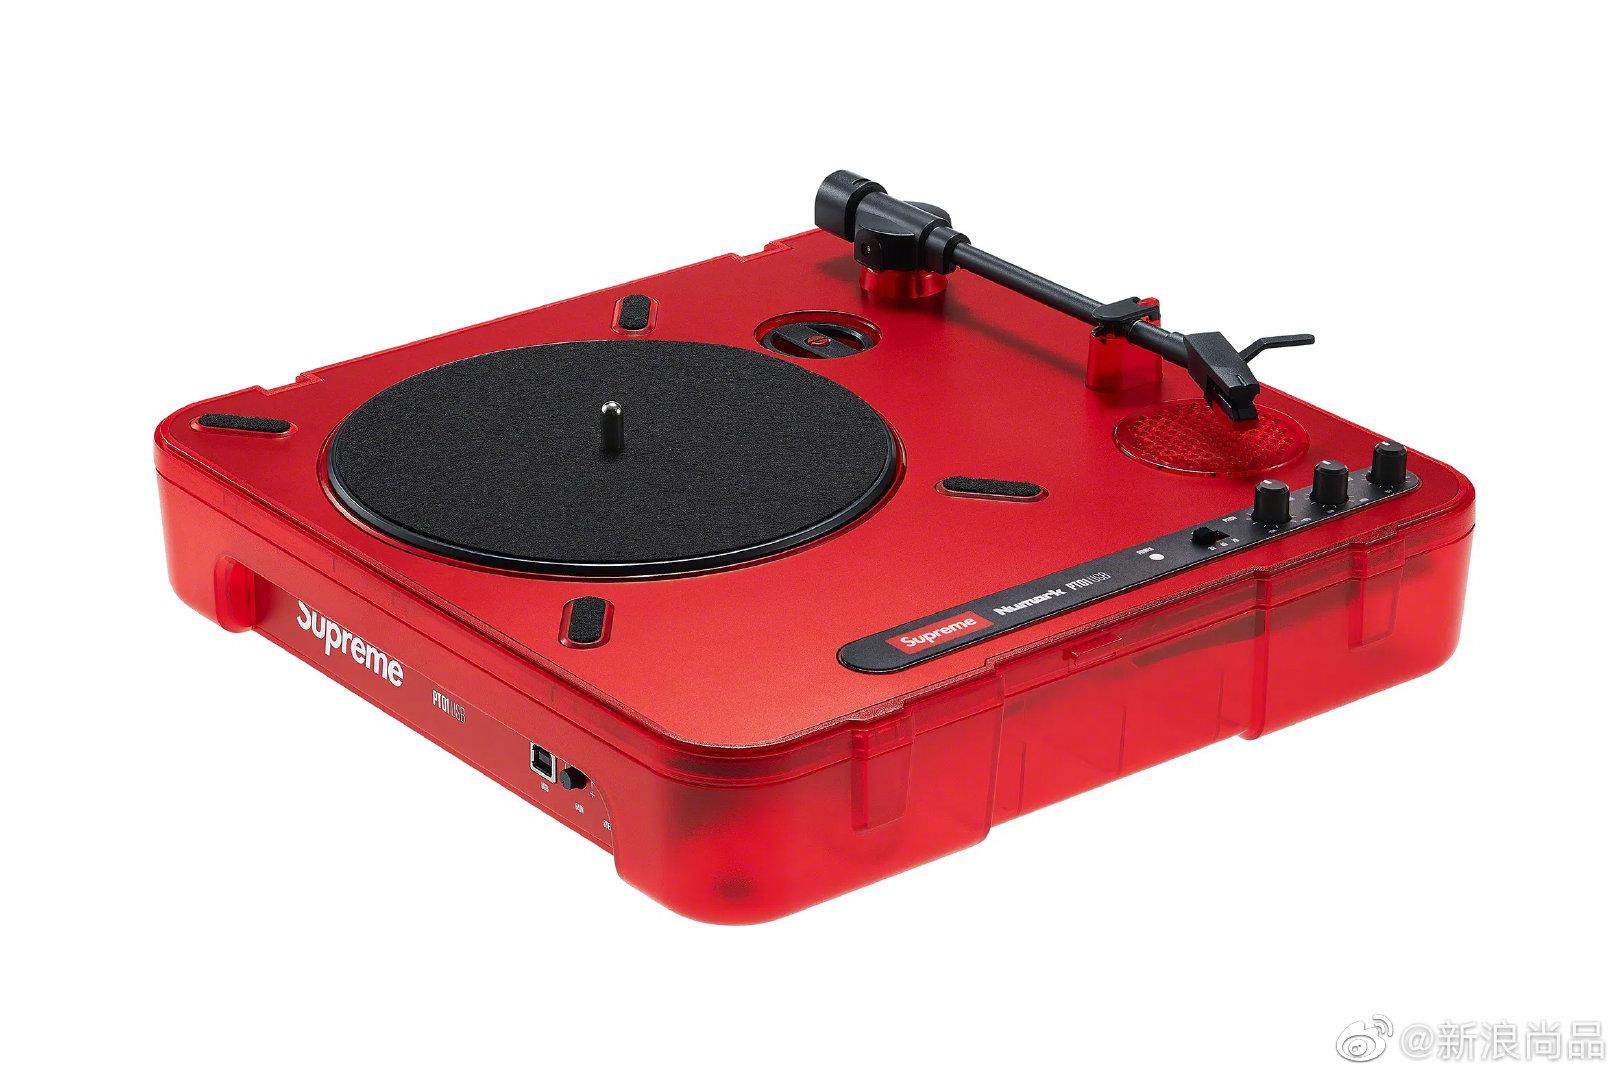 近期潮牌Supreme又推出了黑胶唱片机、保温杯、望远镜等让人意想不到